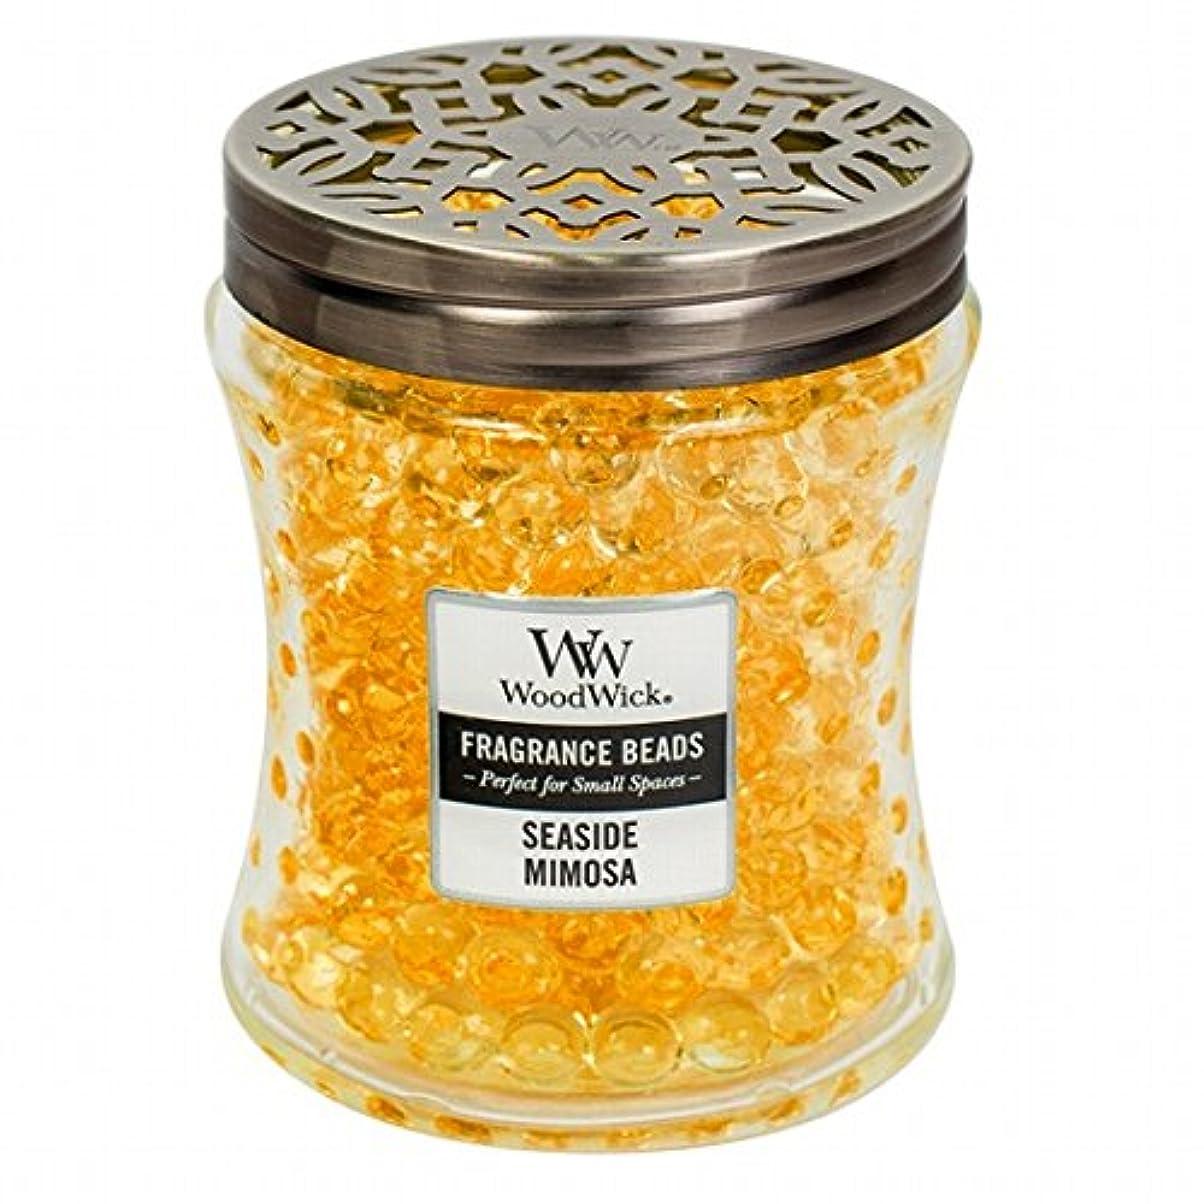 ウッドウィック( WoodWick ) Wood Wickフレグランスビーズ 「 シーサイドミモザ 」W9620539